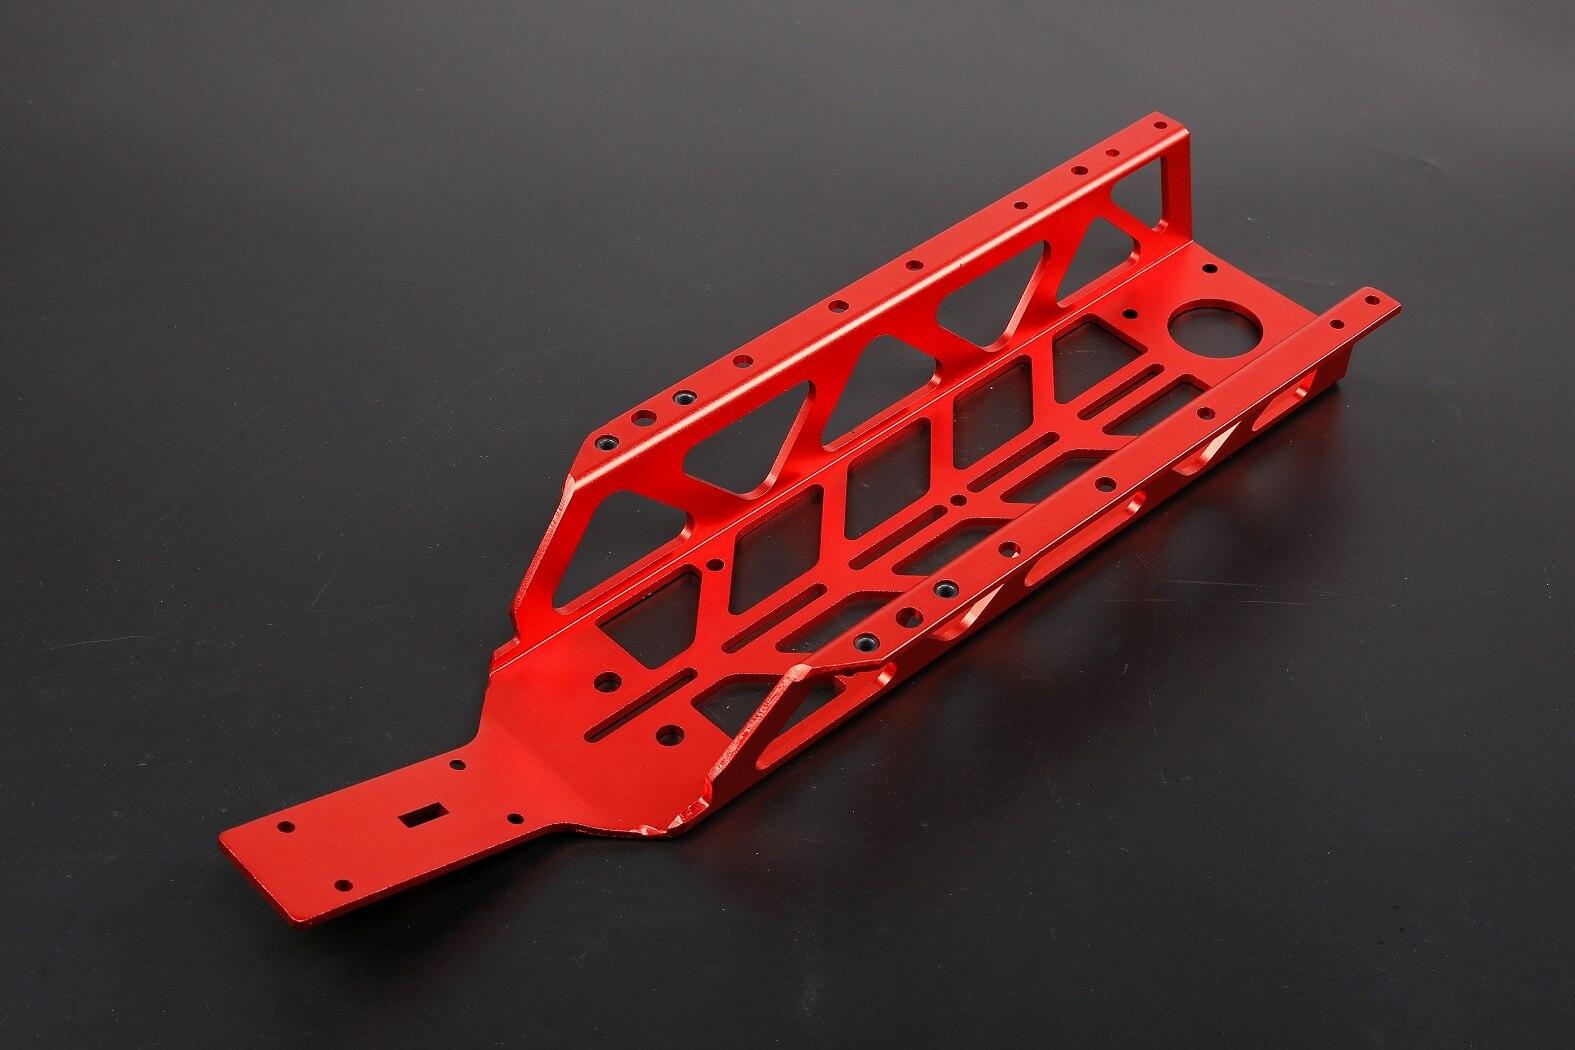 ROVAN 1/5 RC Car Upgrade Pièces Baja CNC Voler Lumière Creux Châssis Principal Cadre Châssis Pour HPI KM Baja 5B SS 5 t 5SC